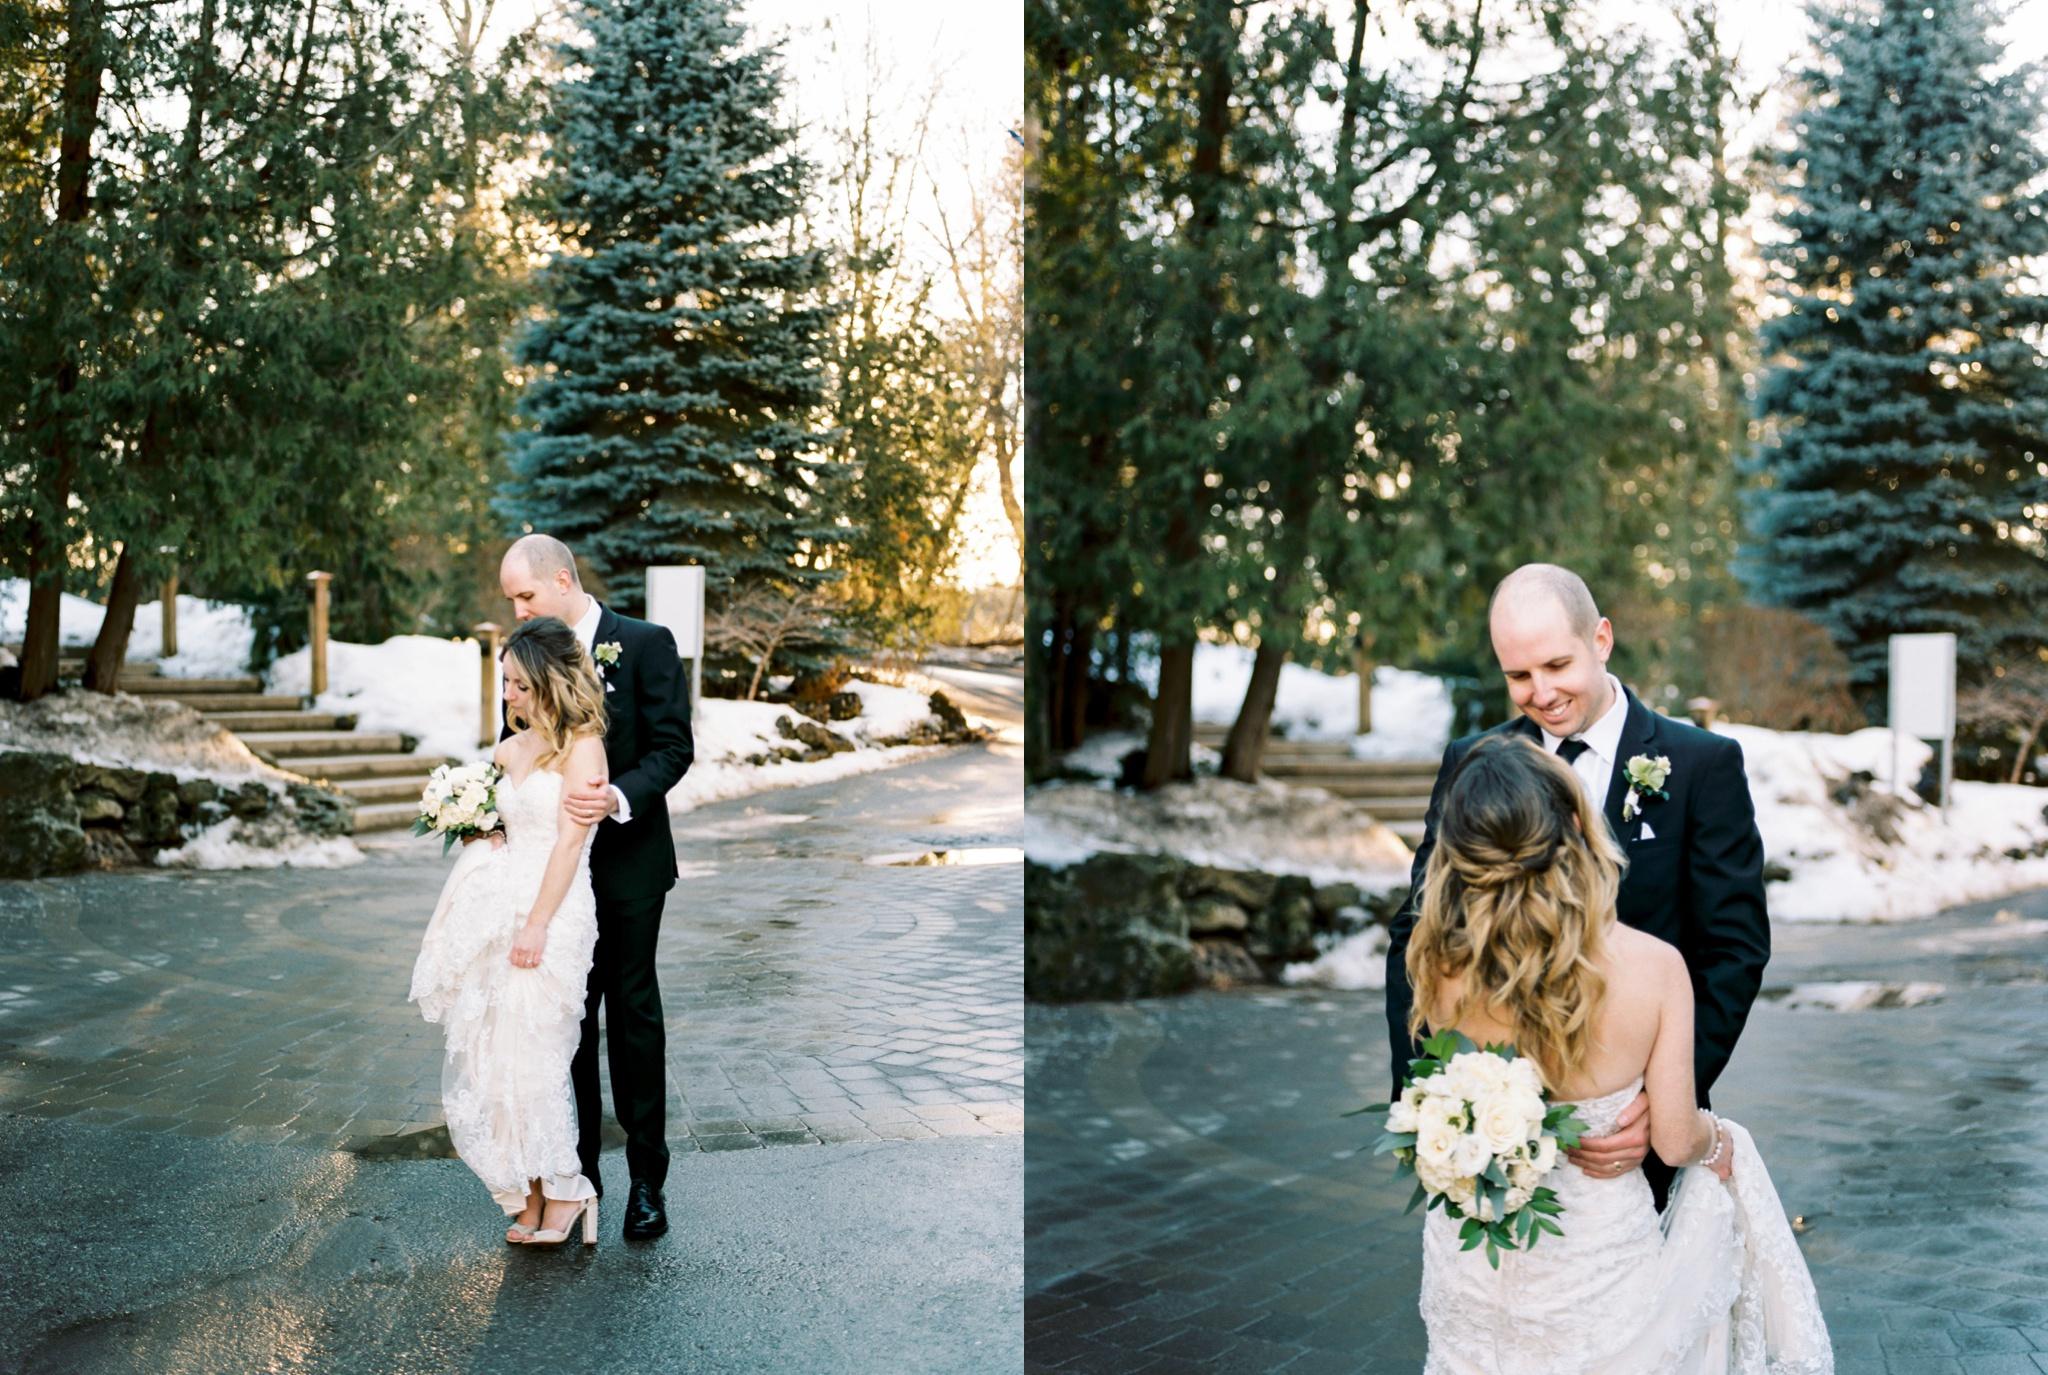 Toronto Wedding Venue, Outdoor Wedding